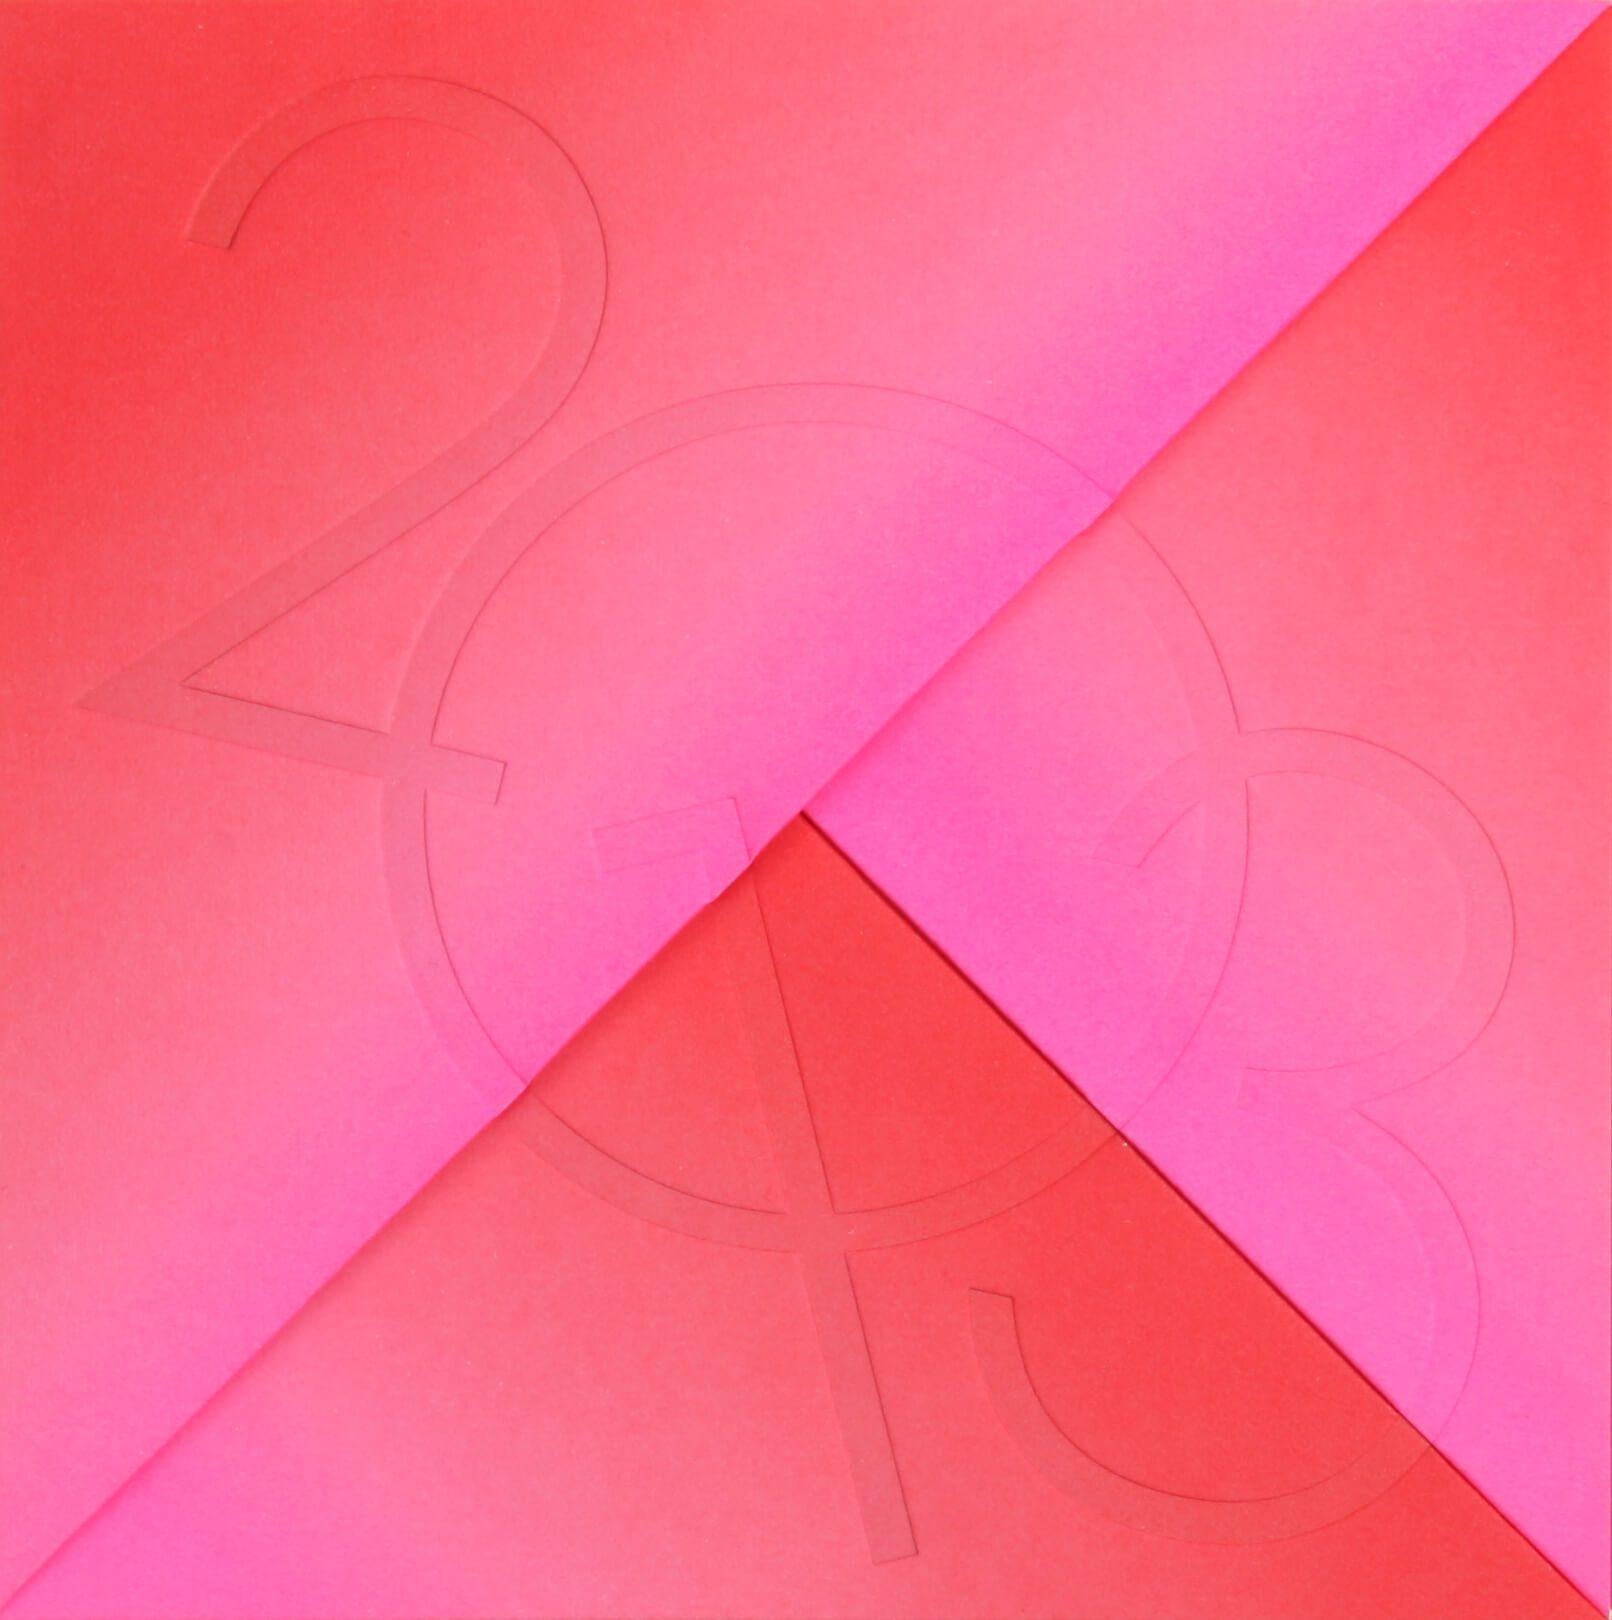 IchetKar signe les vœux 2013 des arts Décoratifs en origami, gaufrage, pliage, rose rouge pour une année colorée